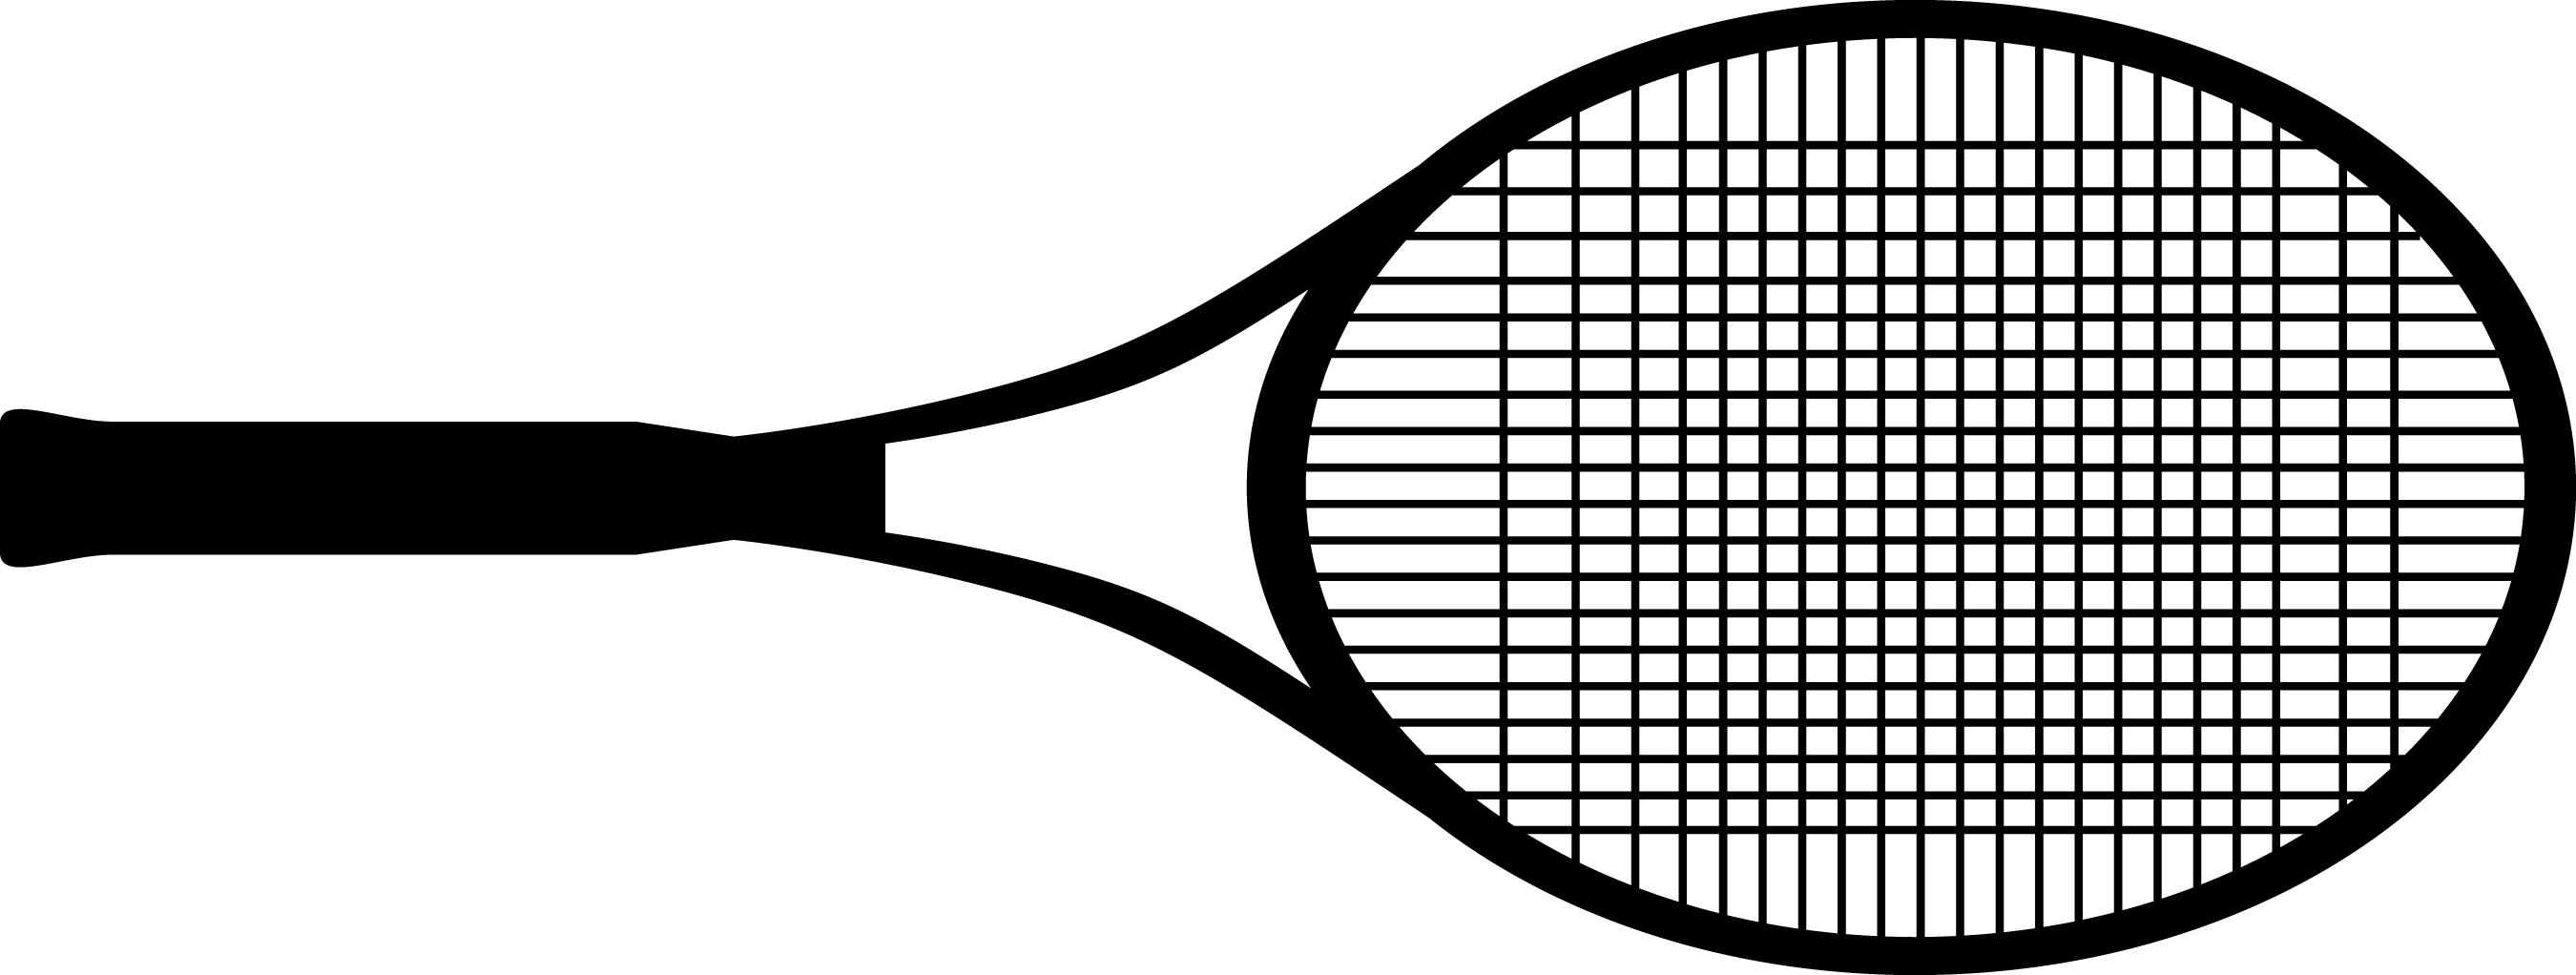 55+ Tennis Racquet Clip Art.